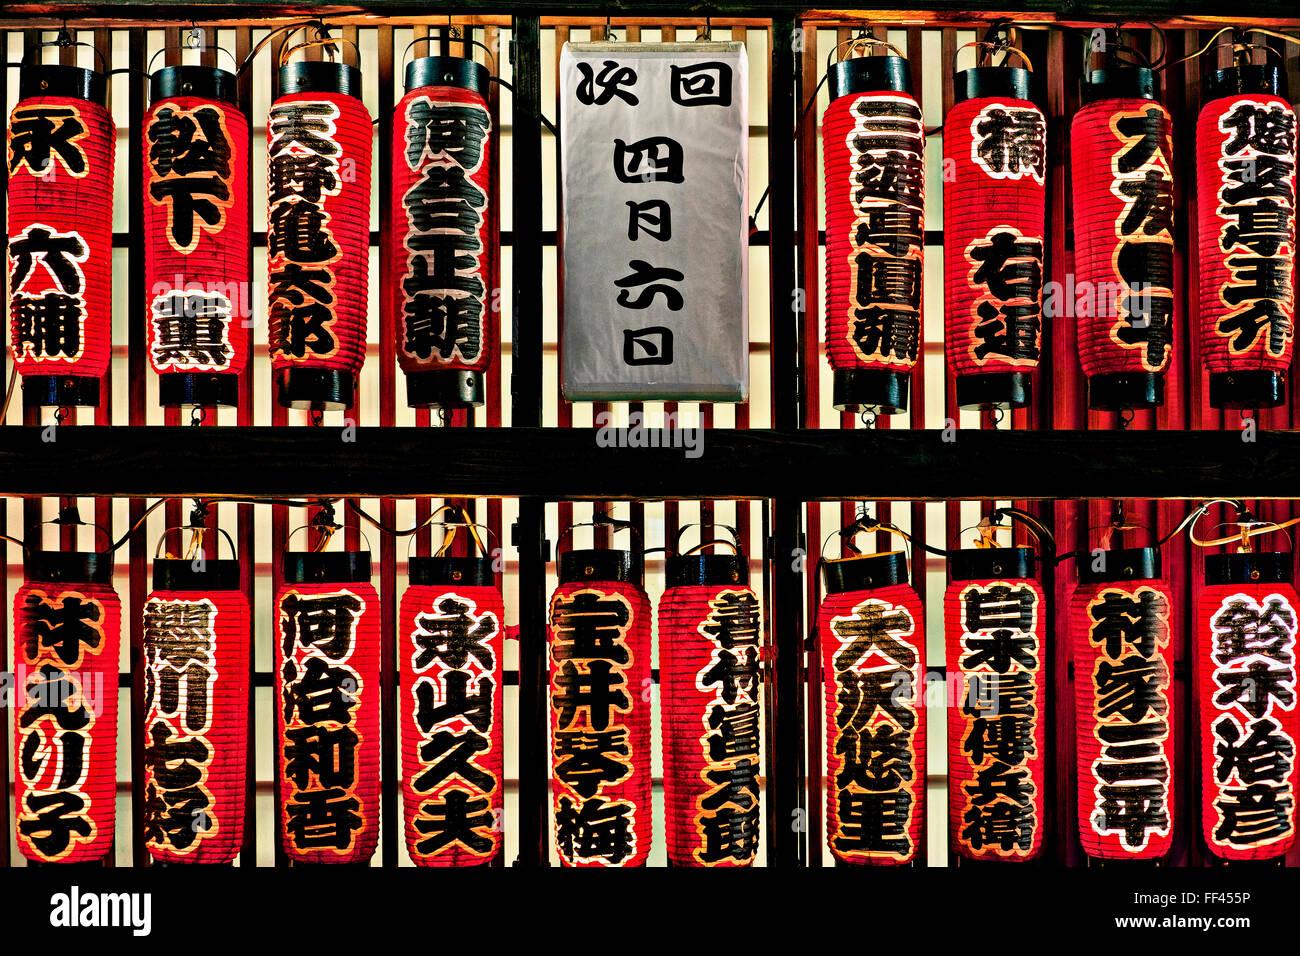 L'île de Honshu, Japon, Tokyo, Kanto, des lumières. Photo Stock